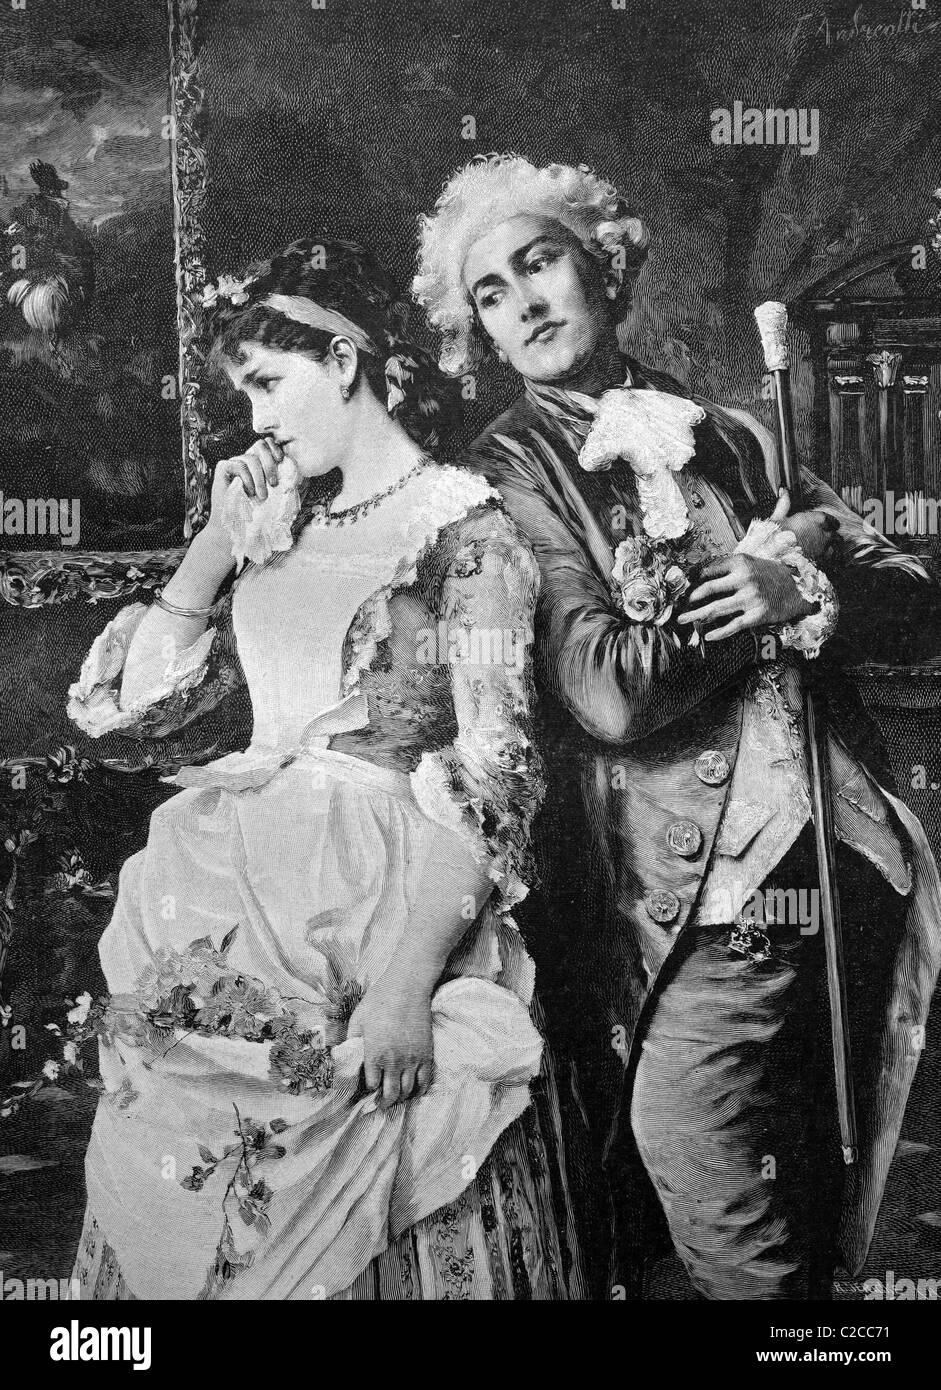 Pareja tímidas, ilustración histórica, ca. 1893 Imagen De Stock